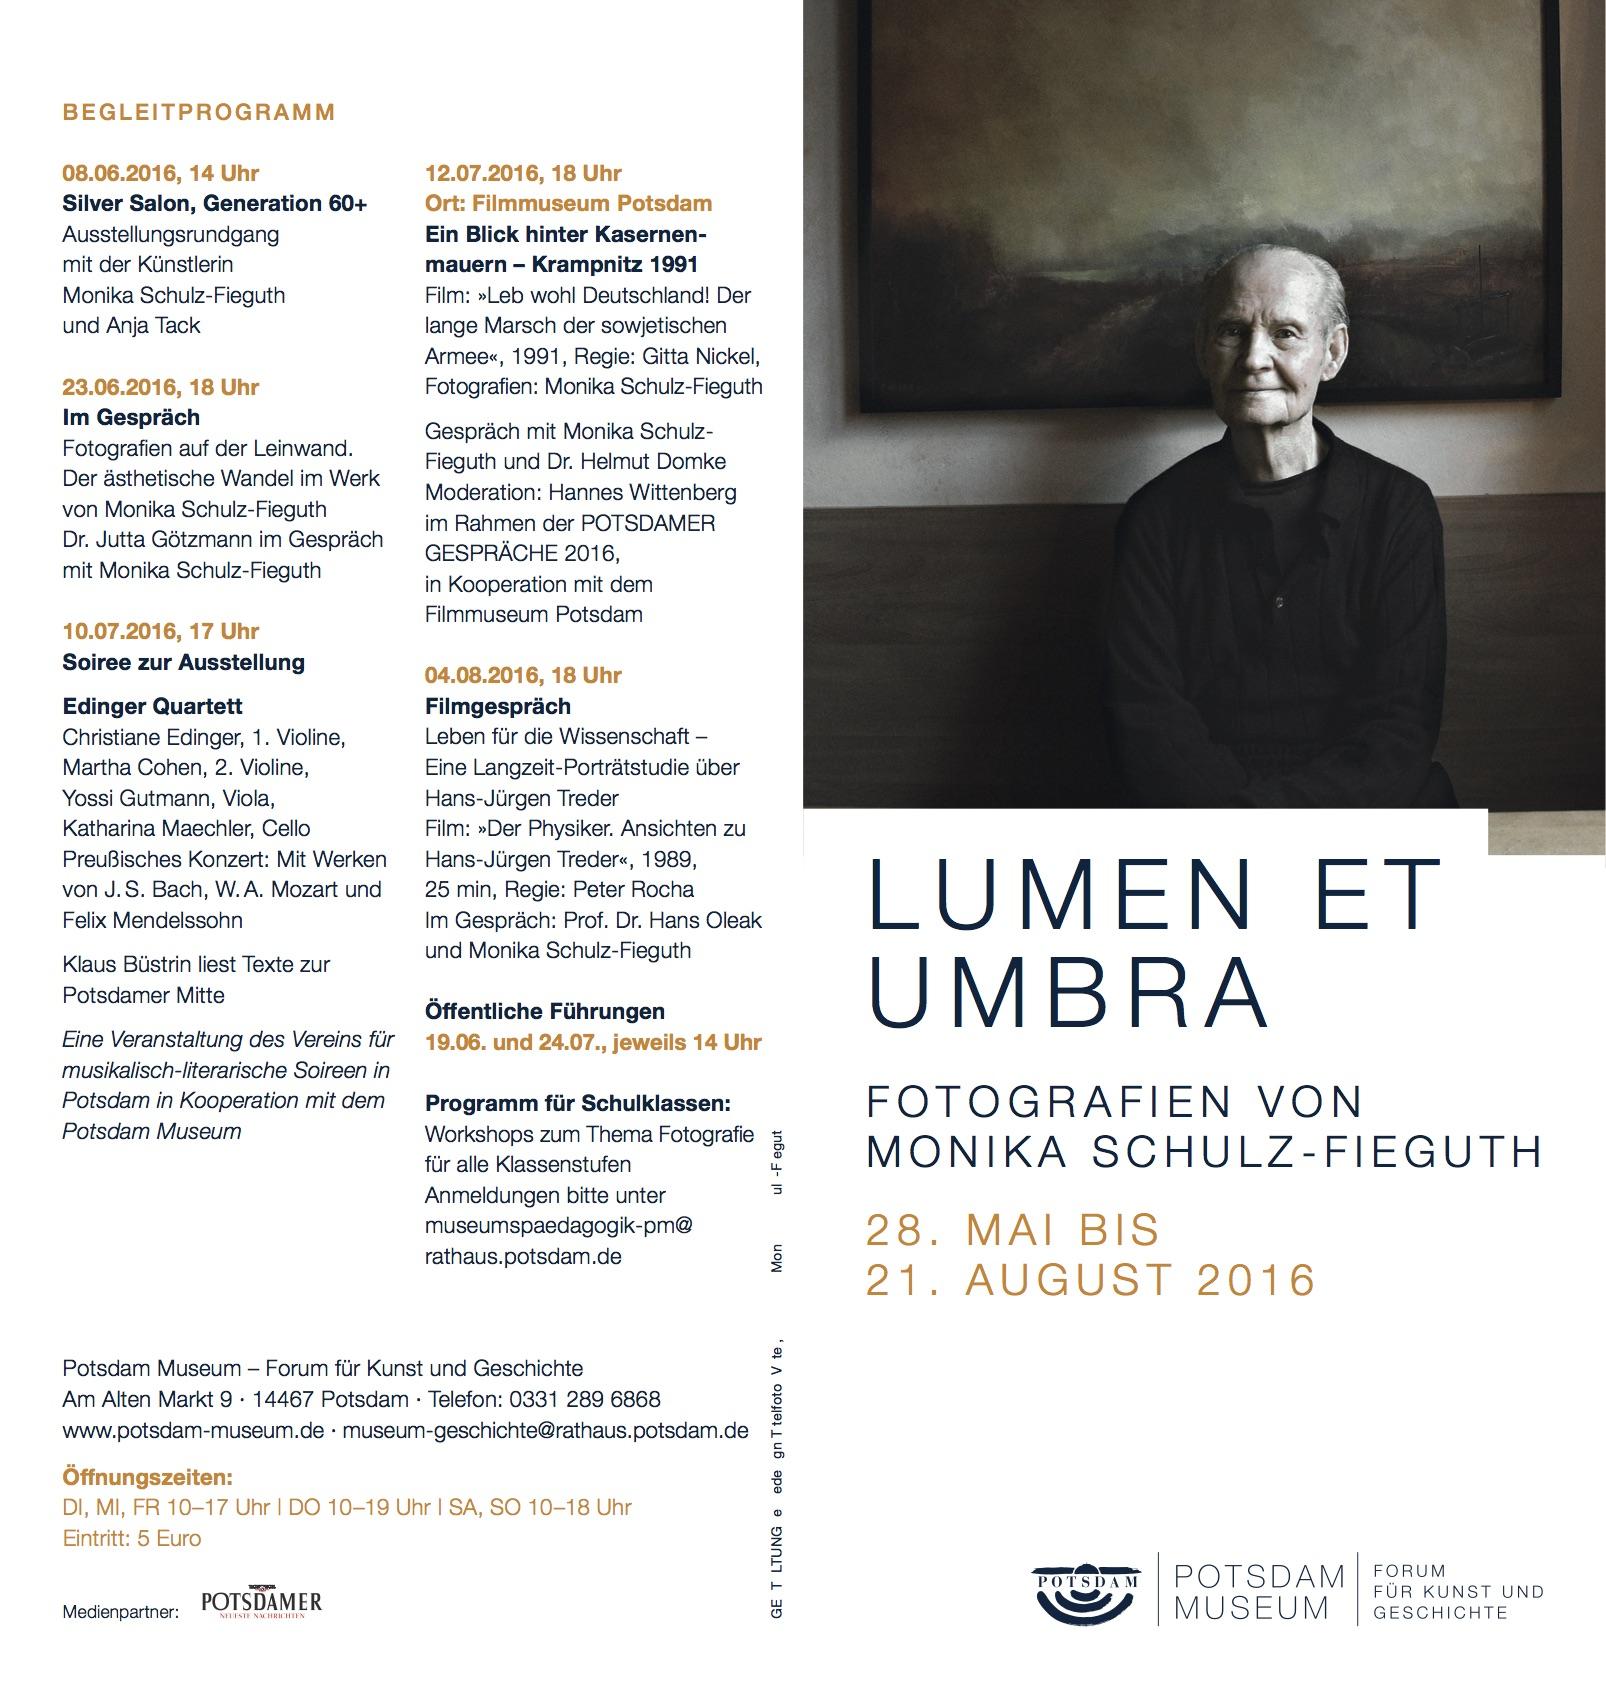 Ausstellung Potsdam 2016 a